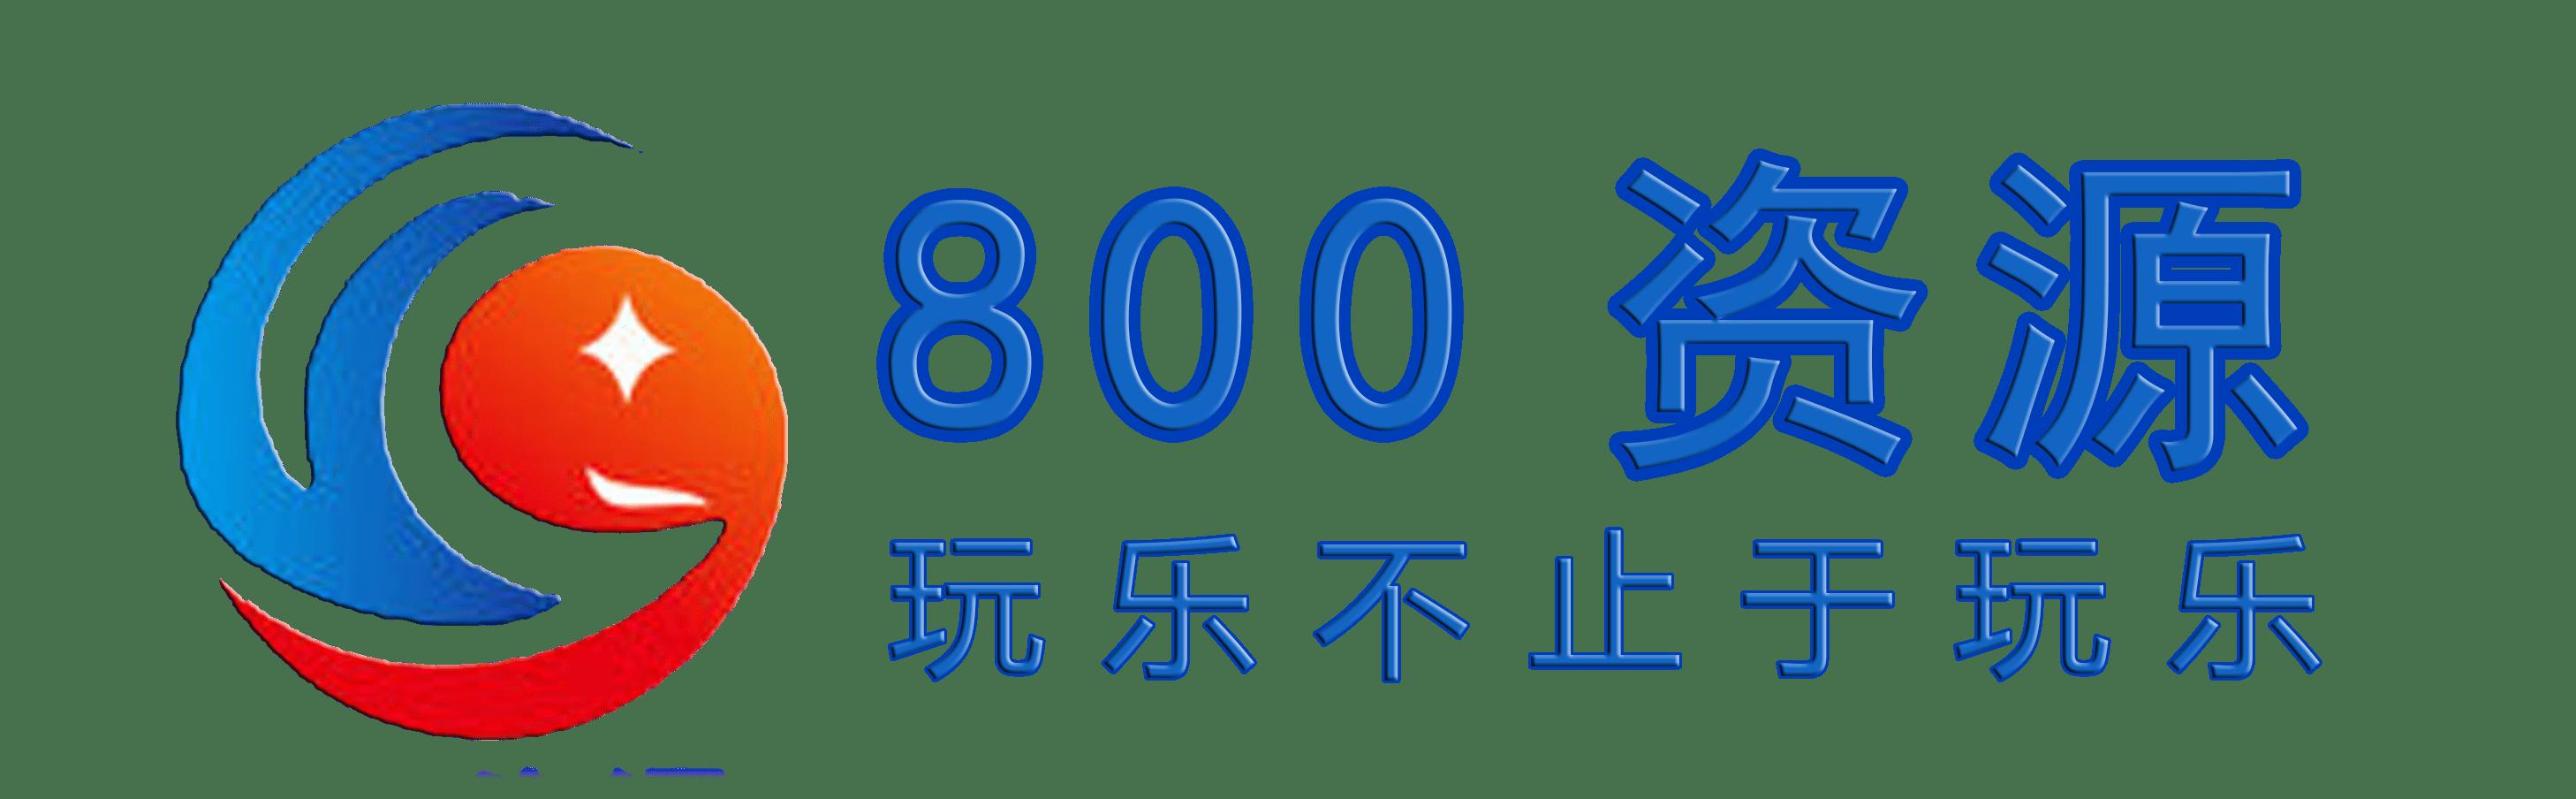 800源码网